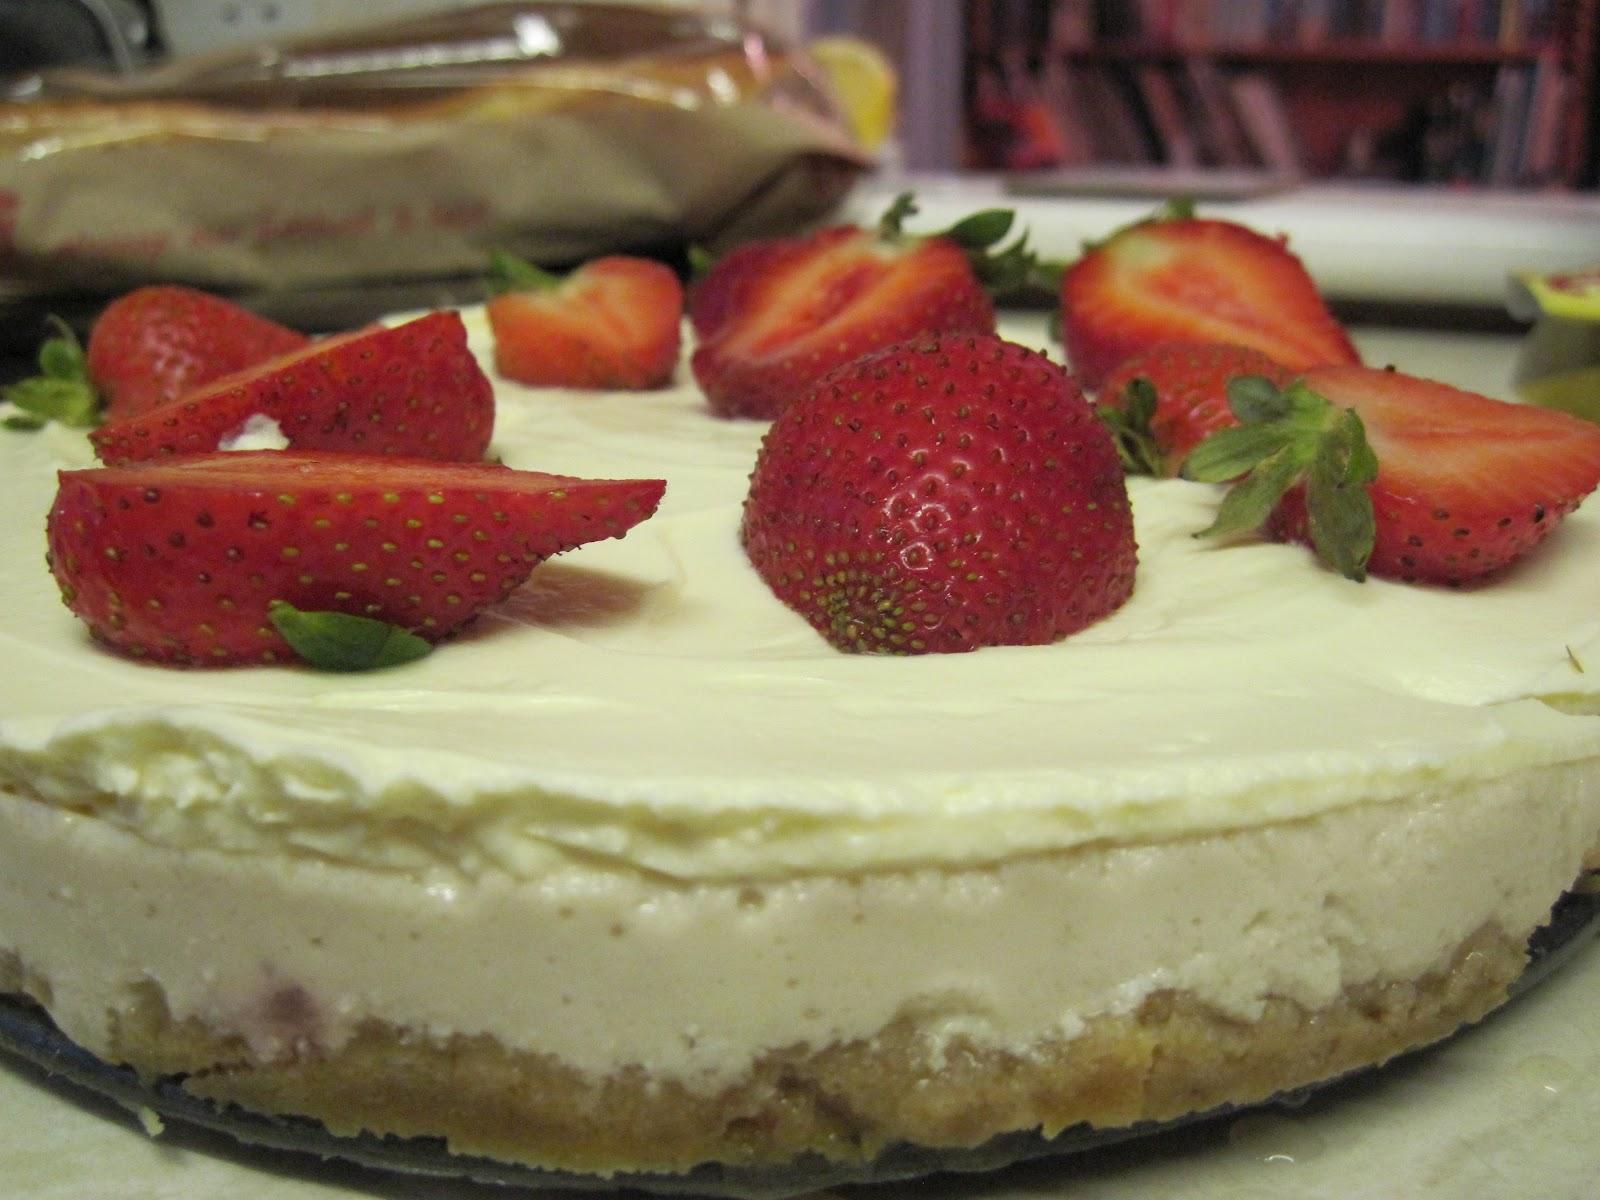 The Sugar Lump: Strawberries & Cream Cheesecake